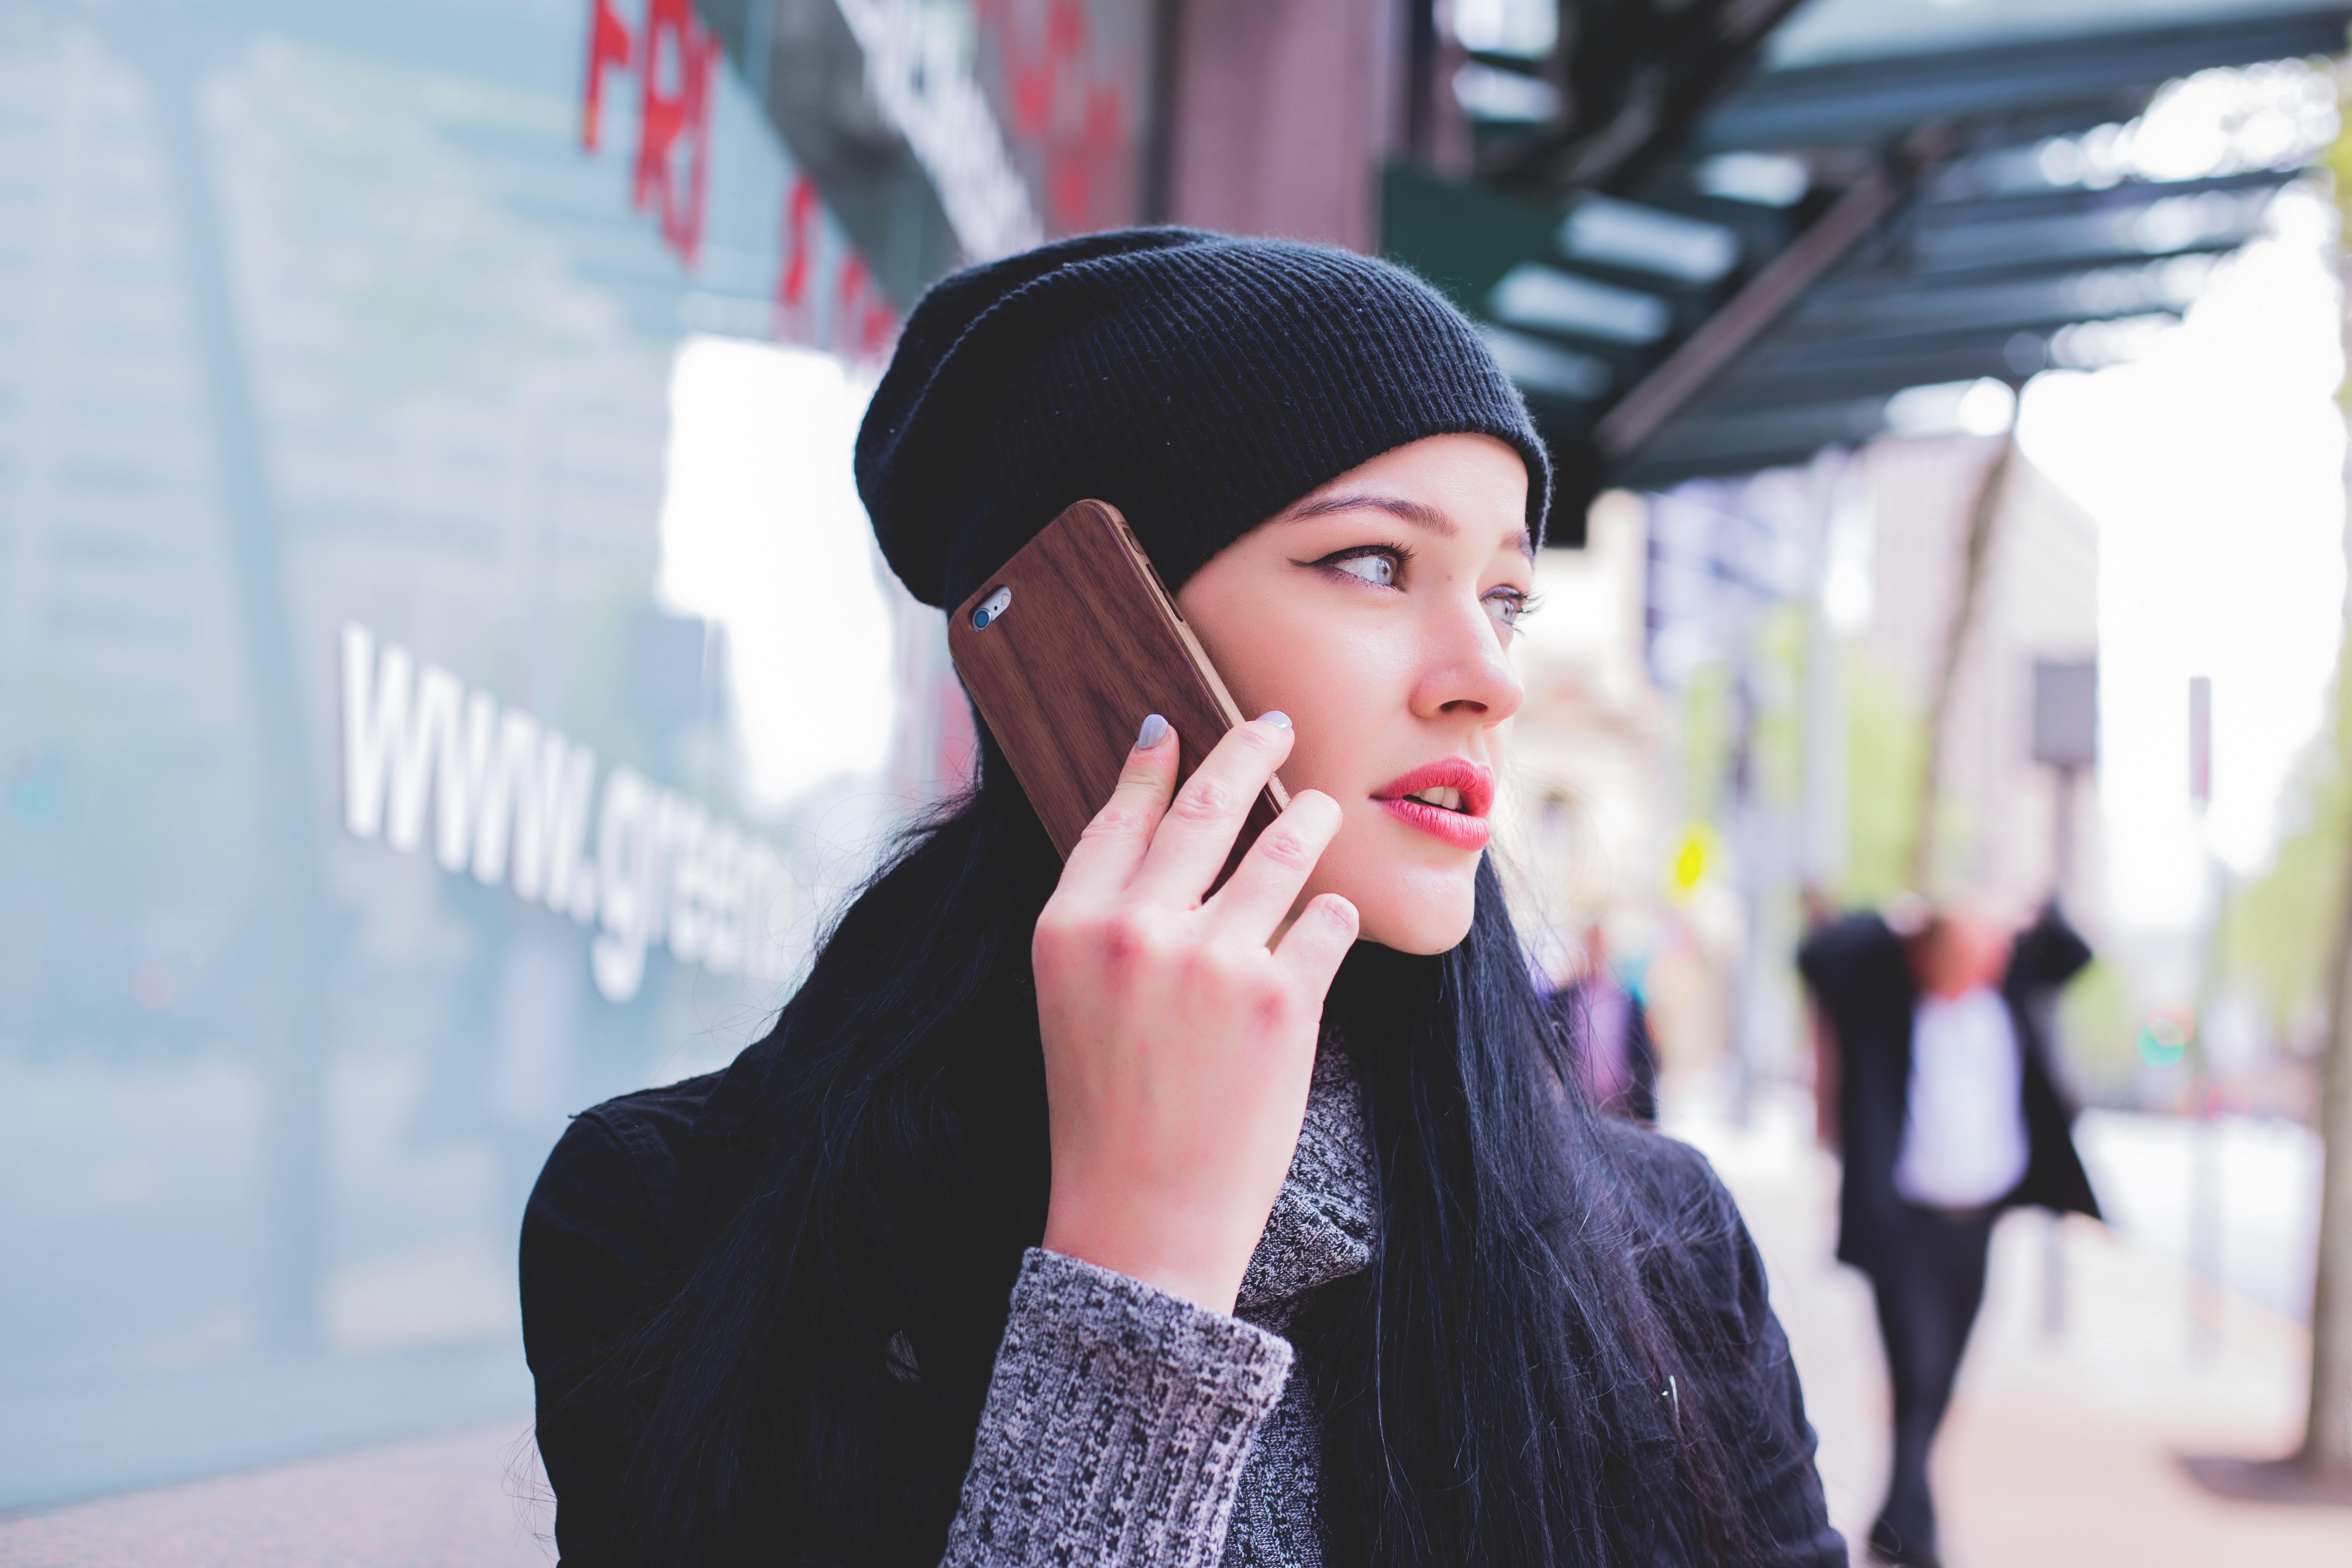 fot. Powrót opłat roamingowych? Plus ze zgodą od UKE